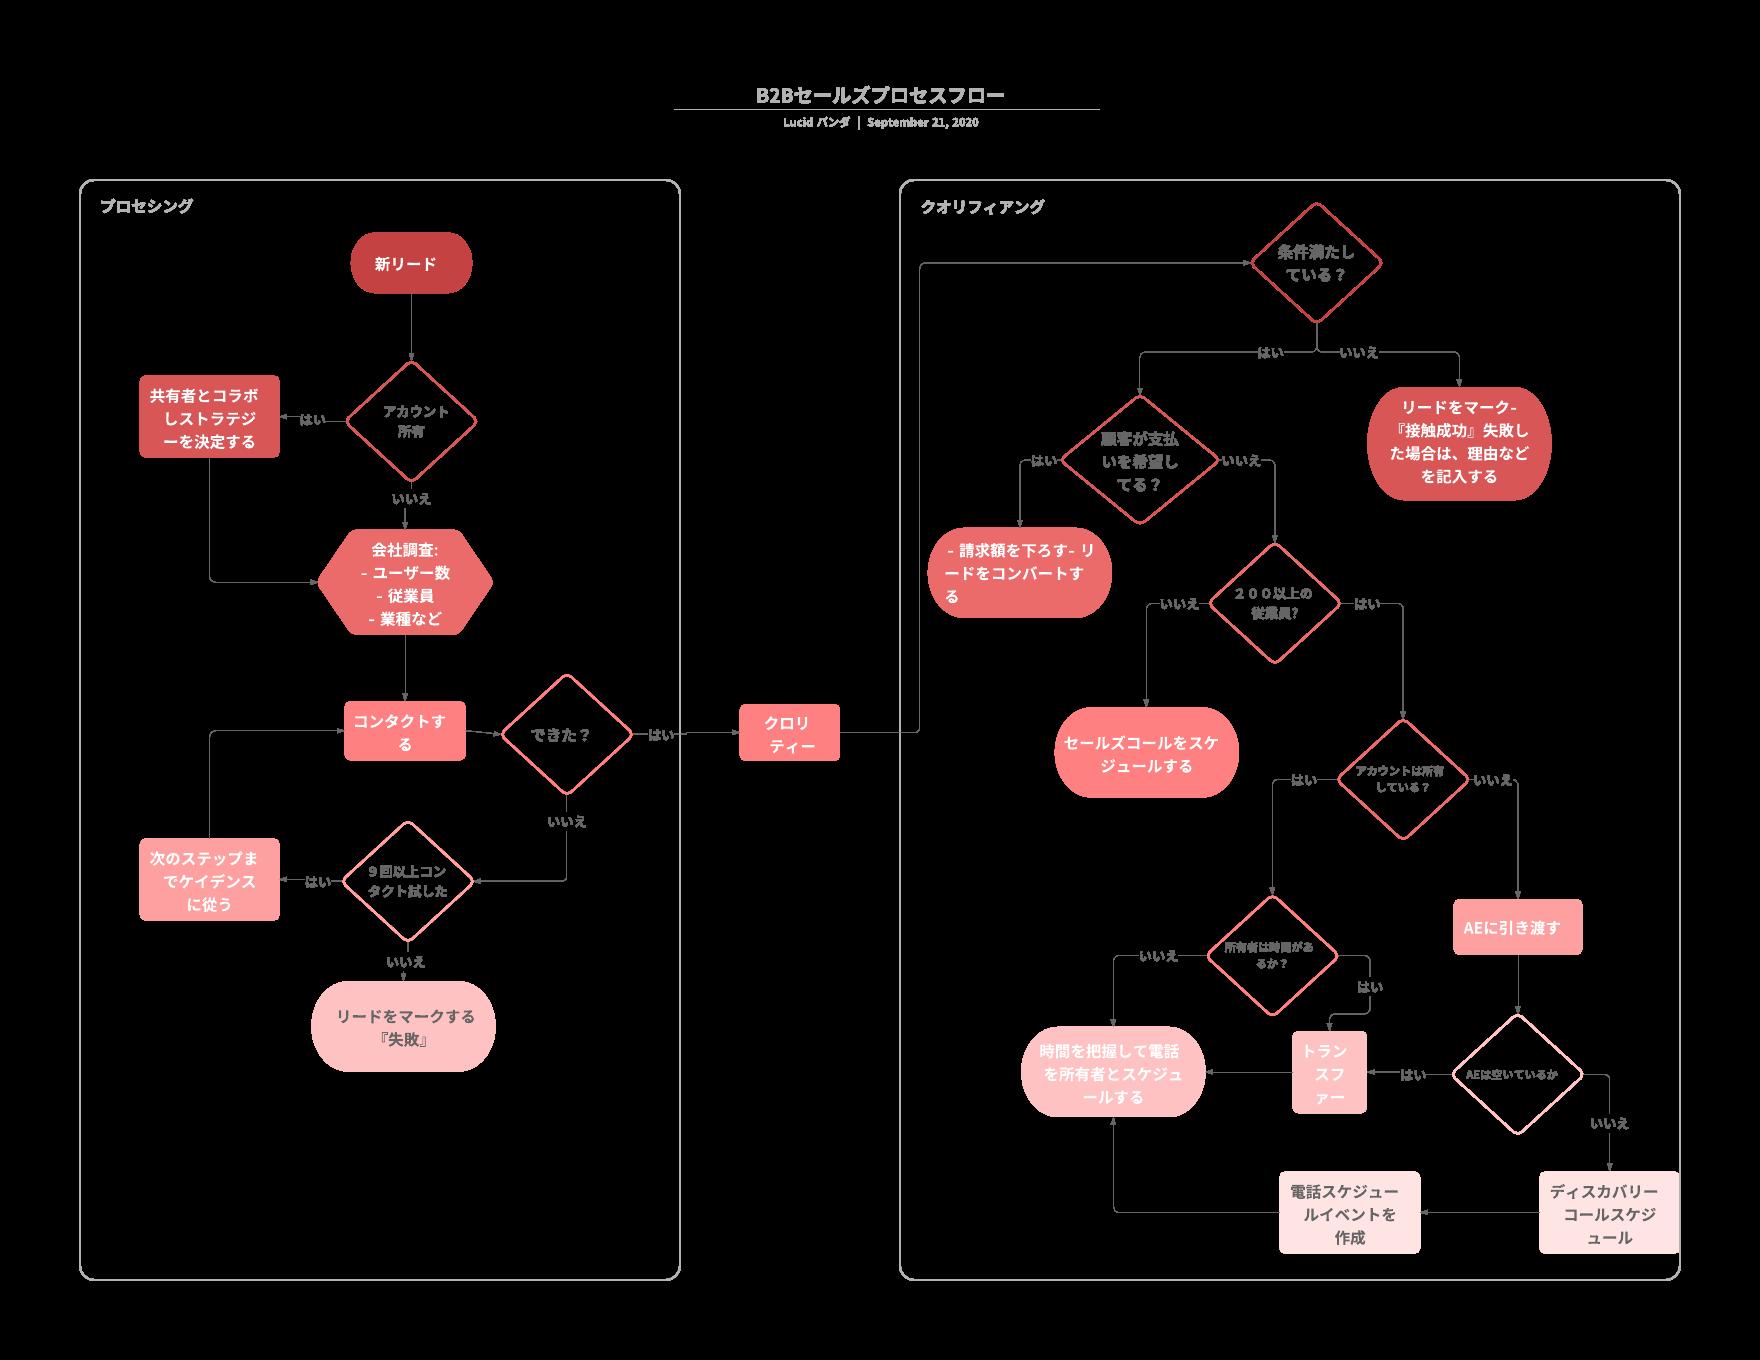 業務プロセスフローチャートテンプレートの例